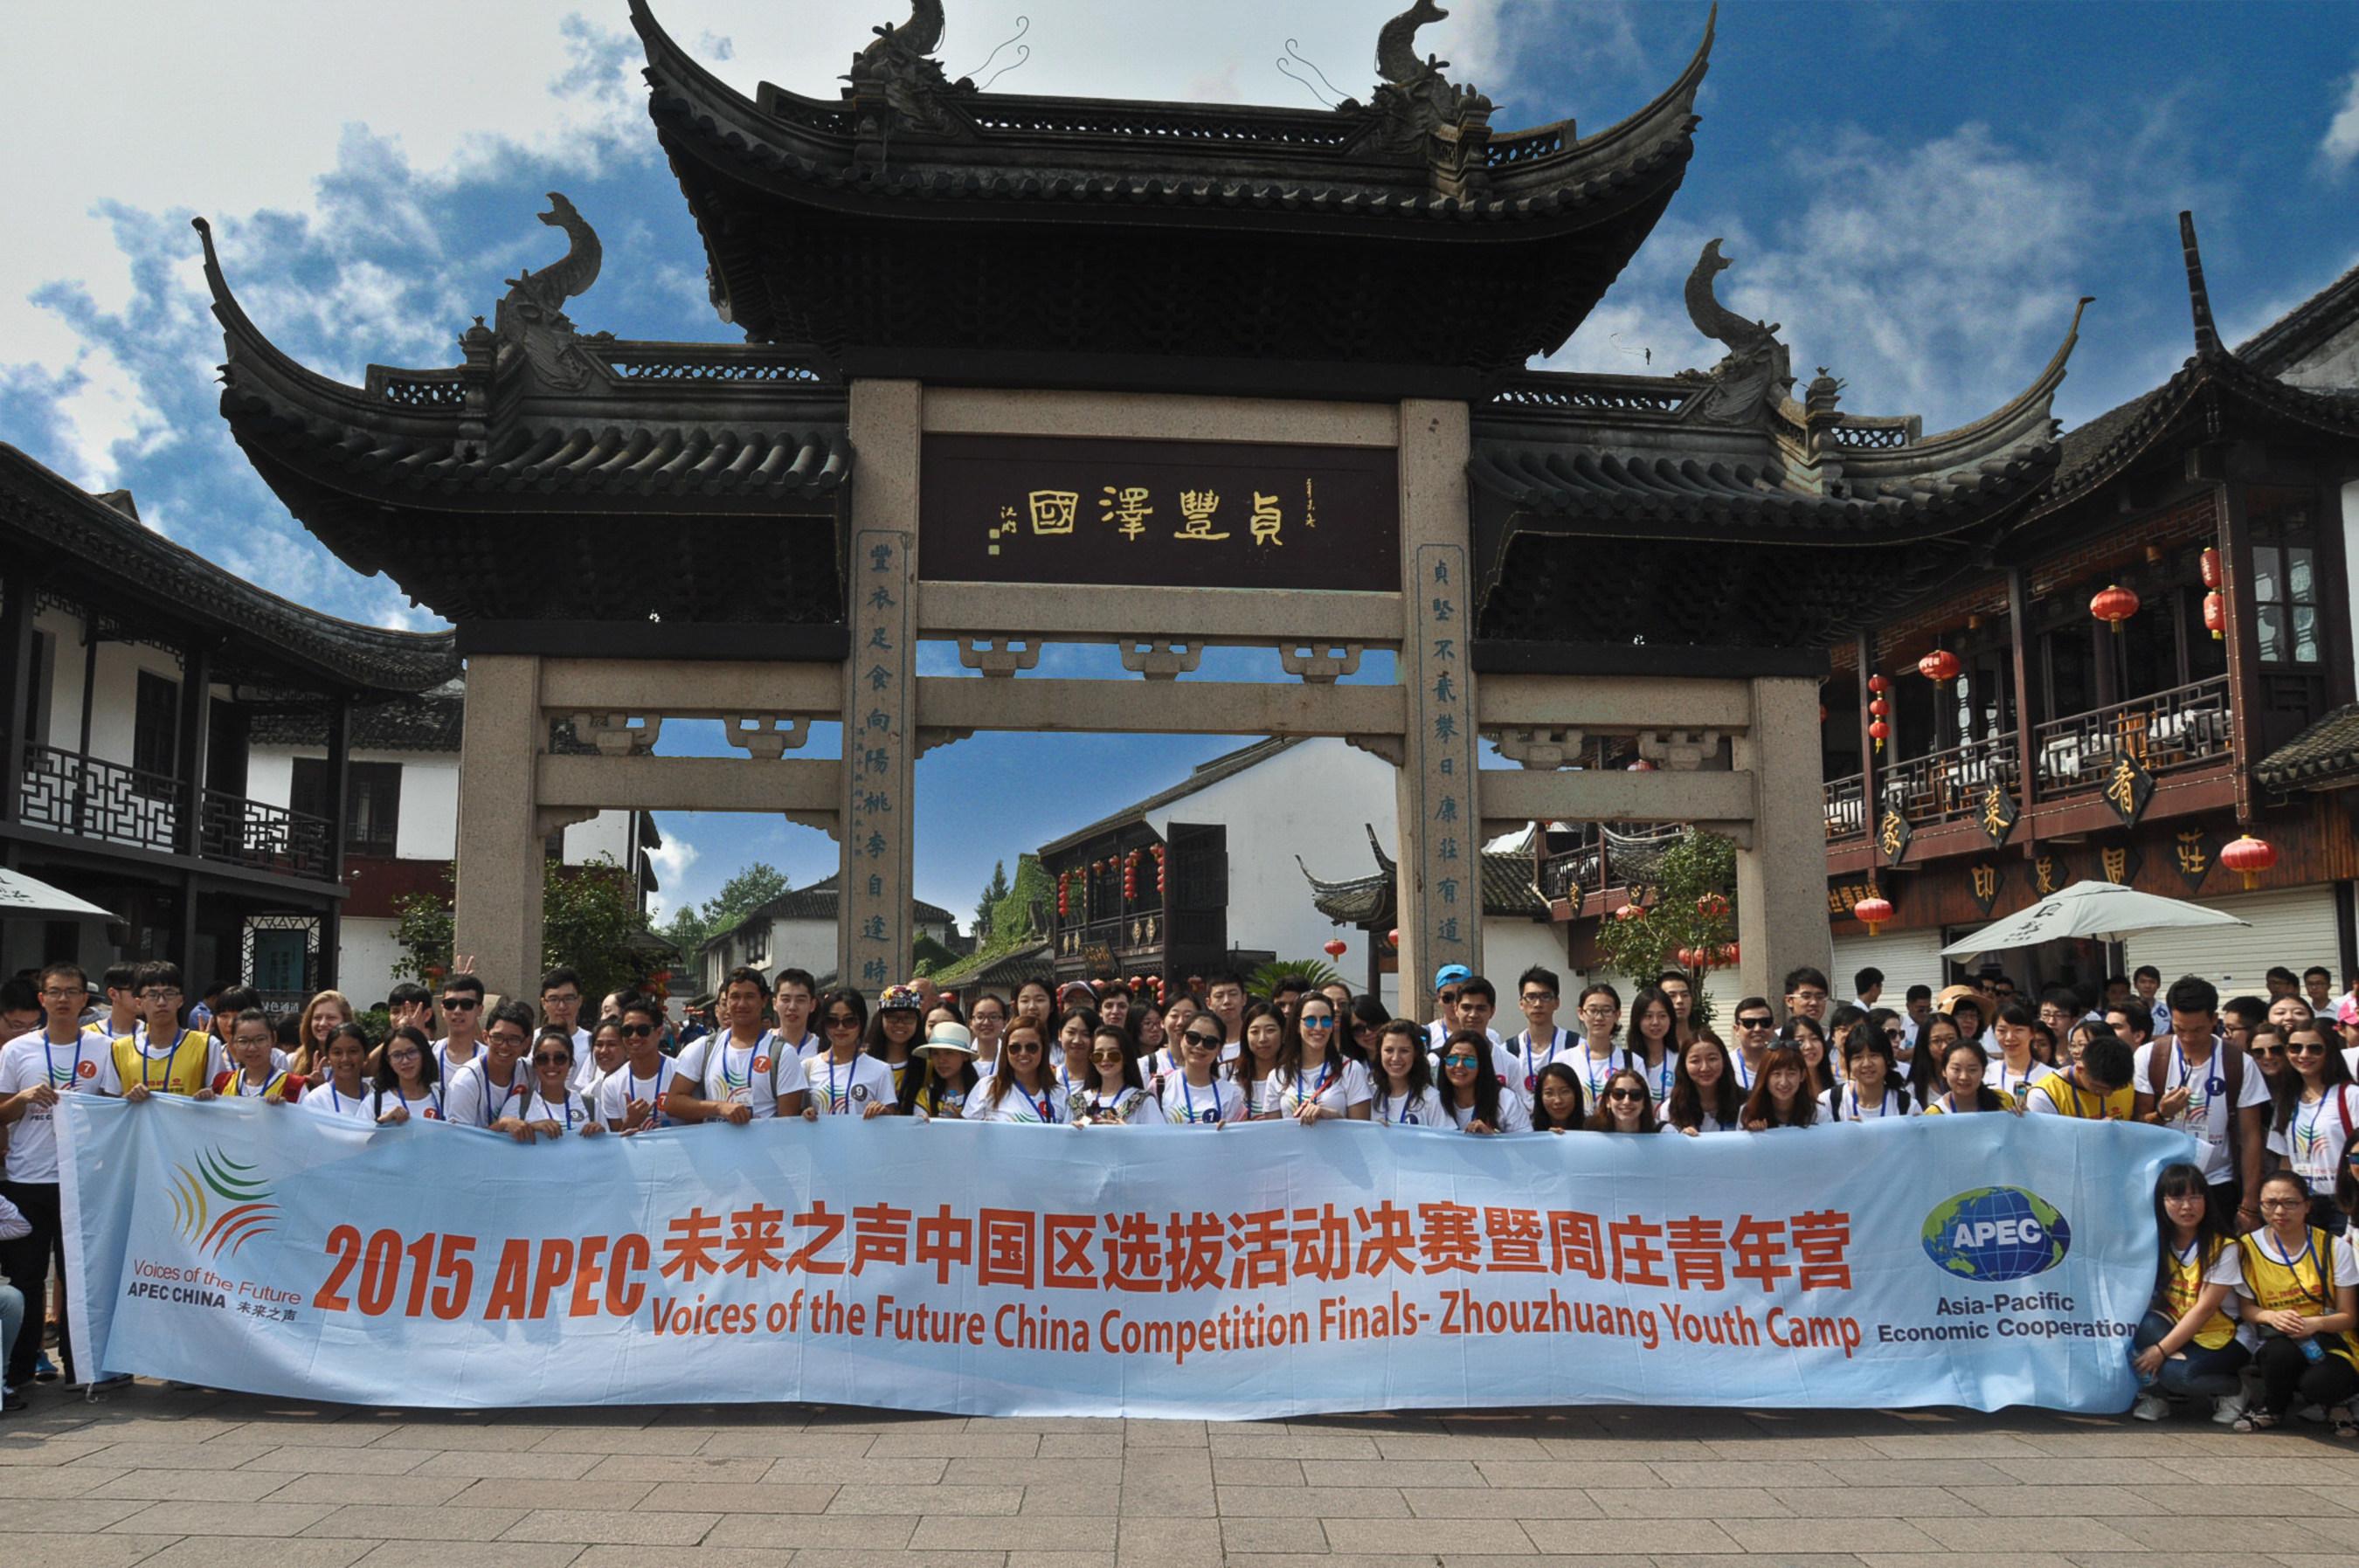 La competición nacional en Zhouzhuang selecciona a los delegados para representar a China en la